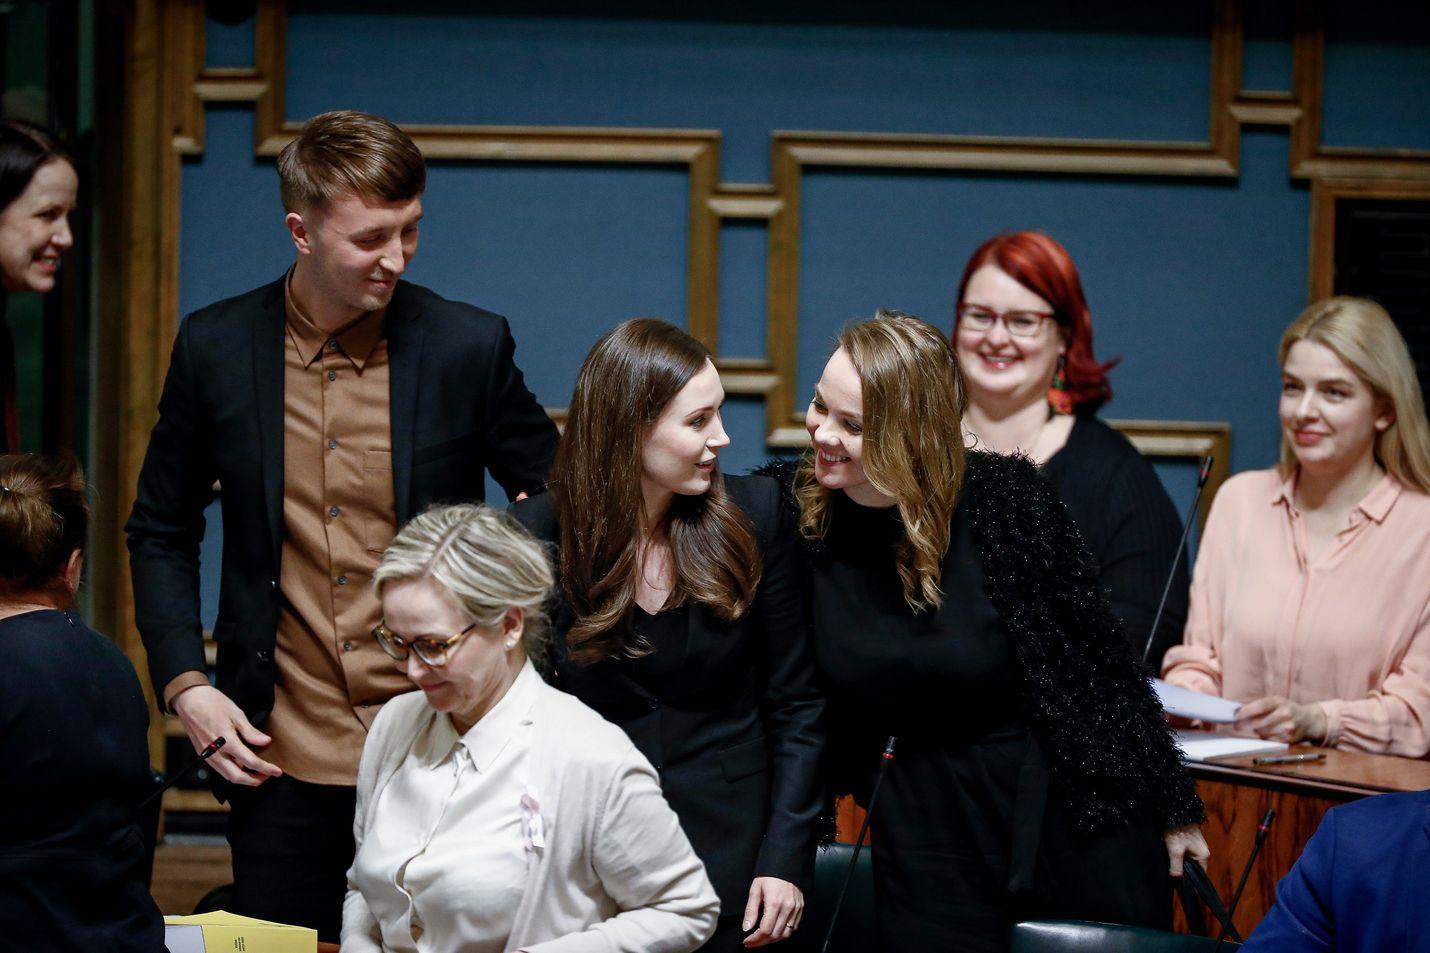 Keskustan puheenjohtaja Katri Kulmuni onnitteli Sanna Marinia heti eduskunnan pääministeriäänestyksen jälkeen.